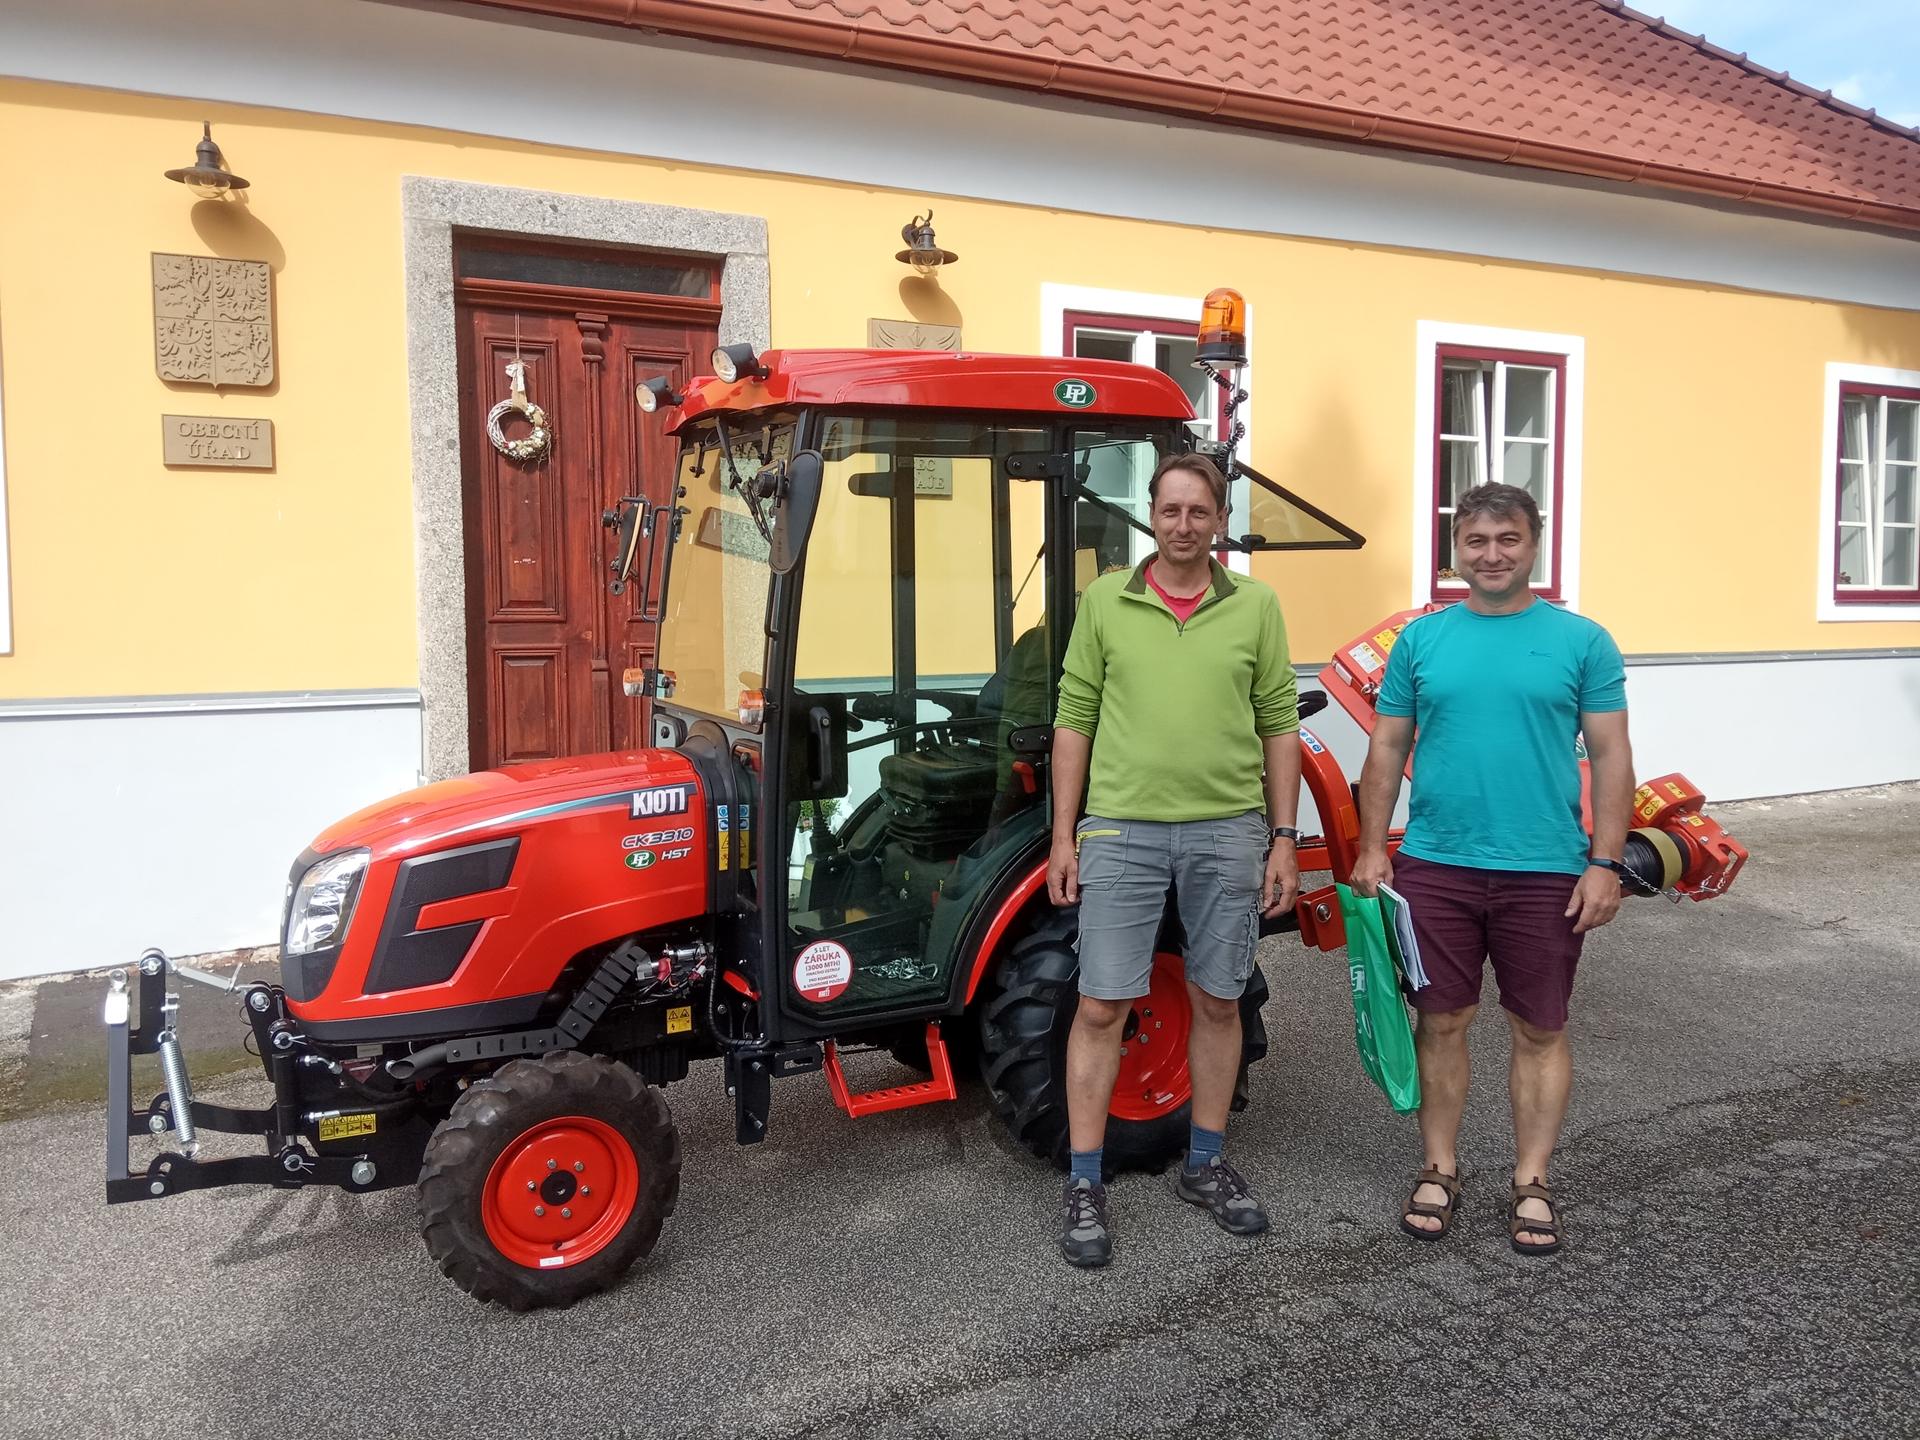 Obec-Rataje-predani-traktoru.jpg